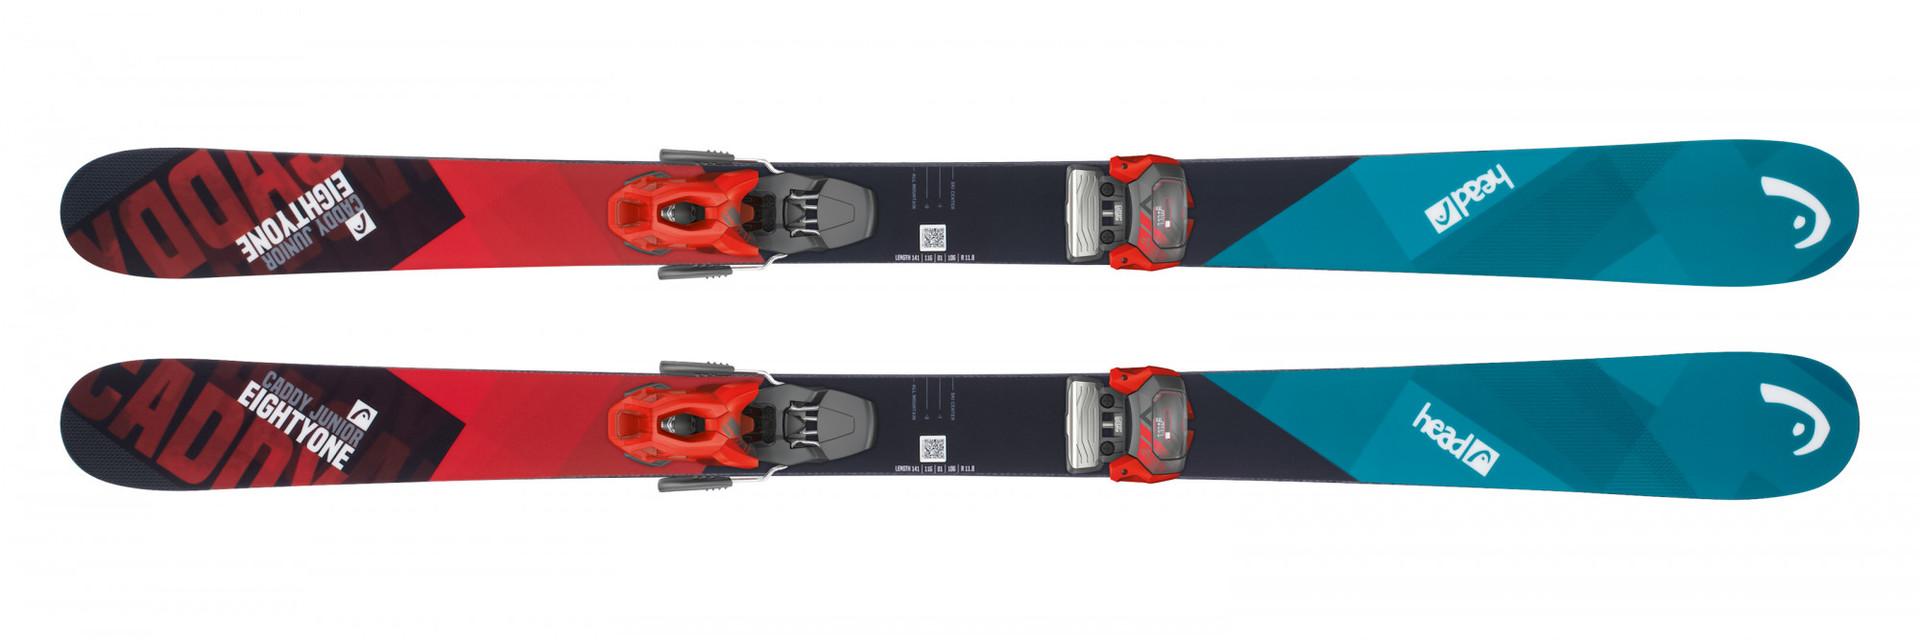 Горные лыжи Head Caddy  Jr + Крепление SX 7.5 AC размер 141 (2019)